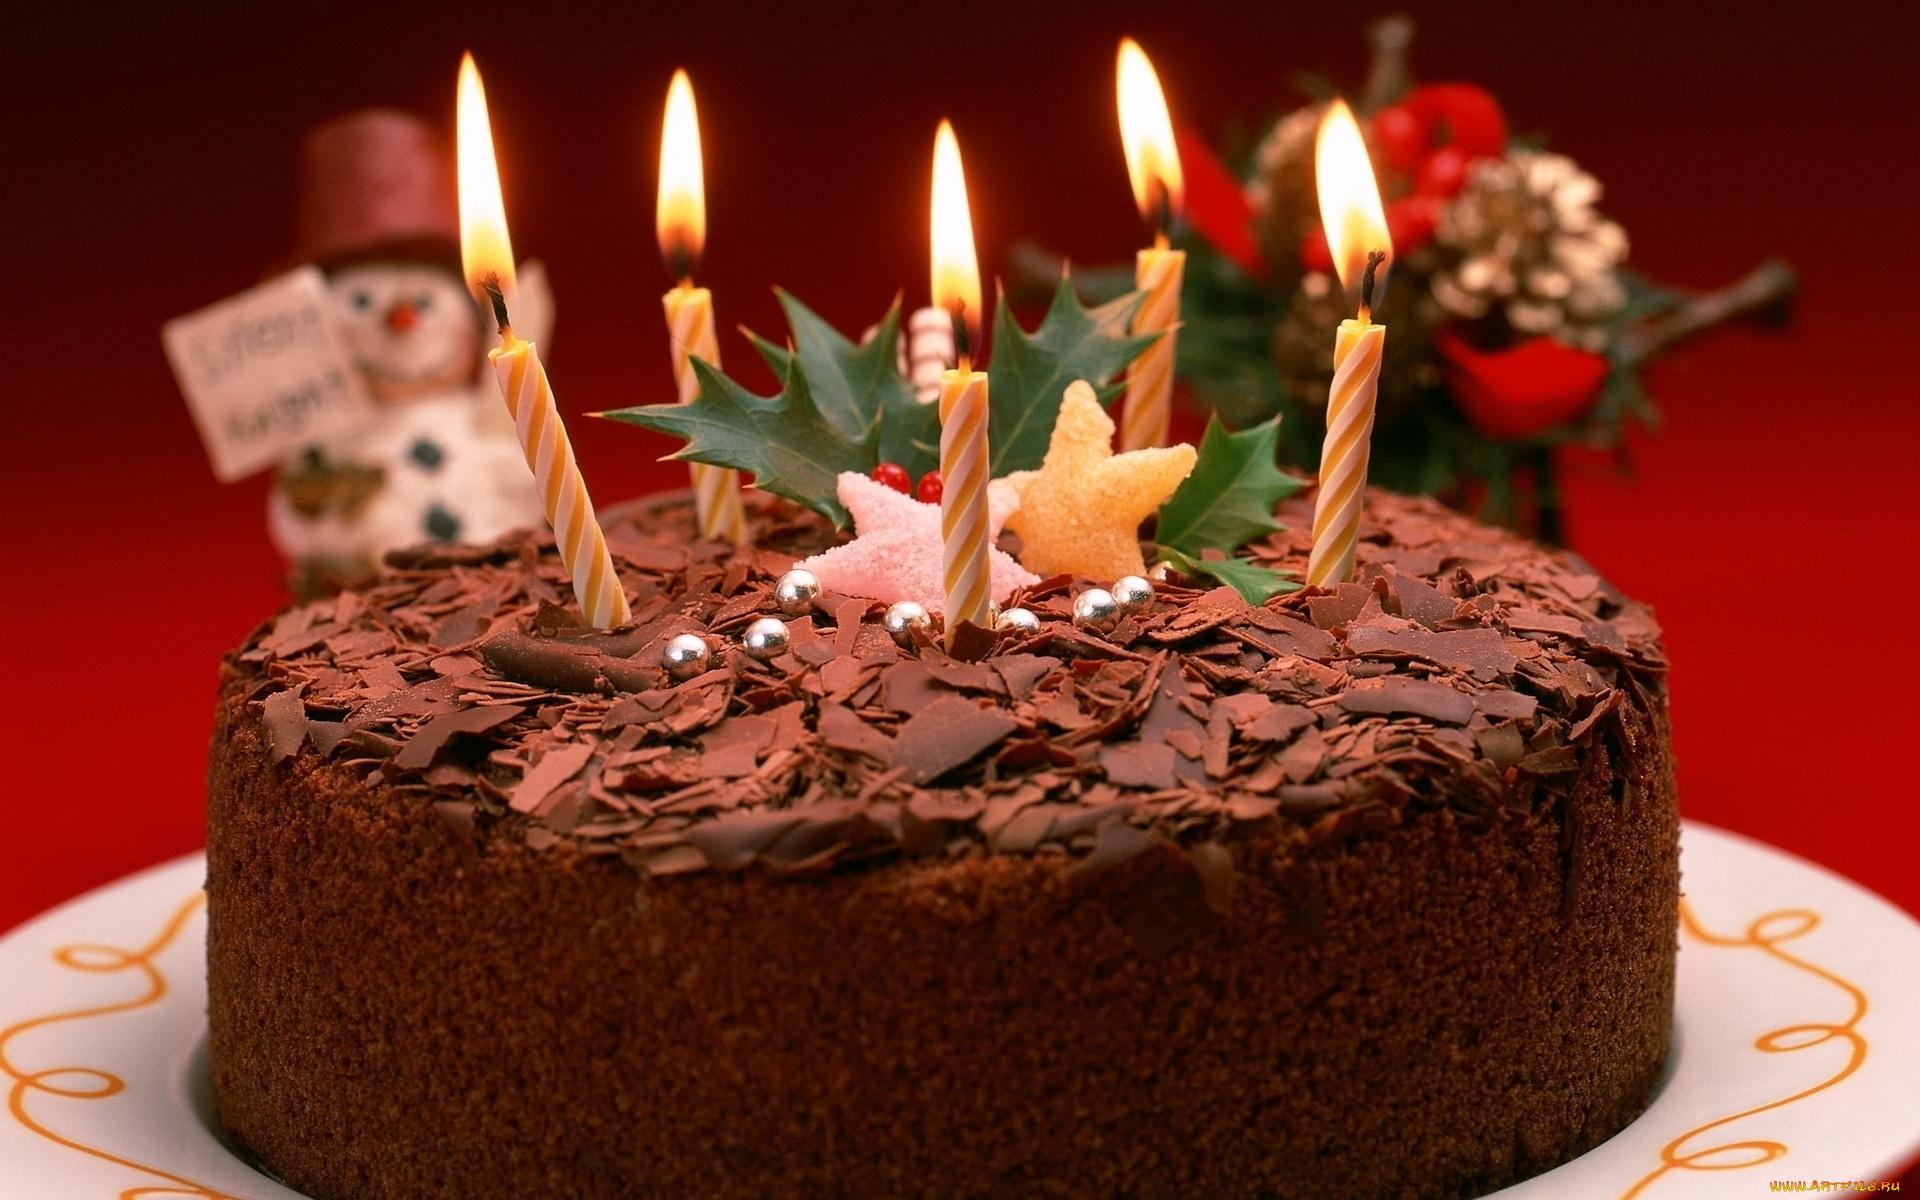 Открытка торт и свечи, днем пожарной охраной